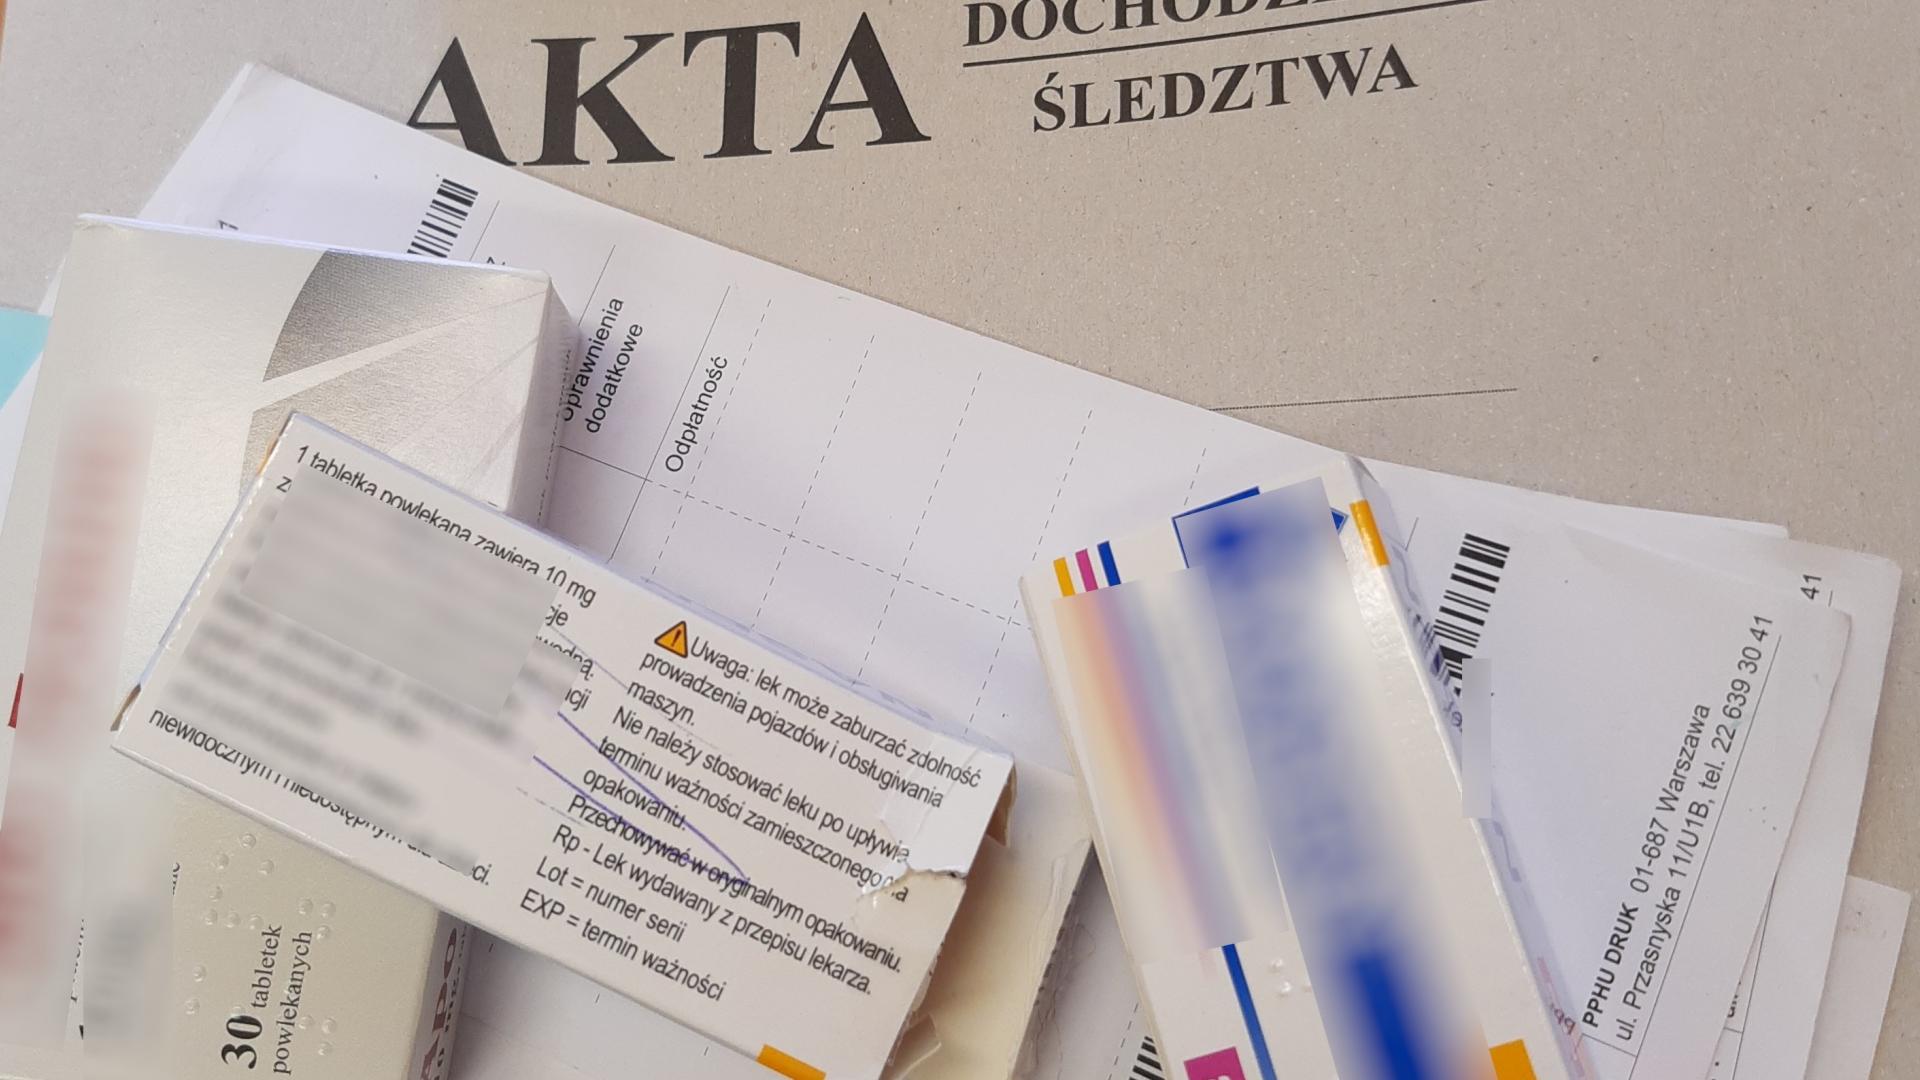 Lekarka podrabiała recepty posługując się danymi innego lekarza (fot. skierniewice.policja.gov.pl).